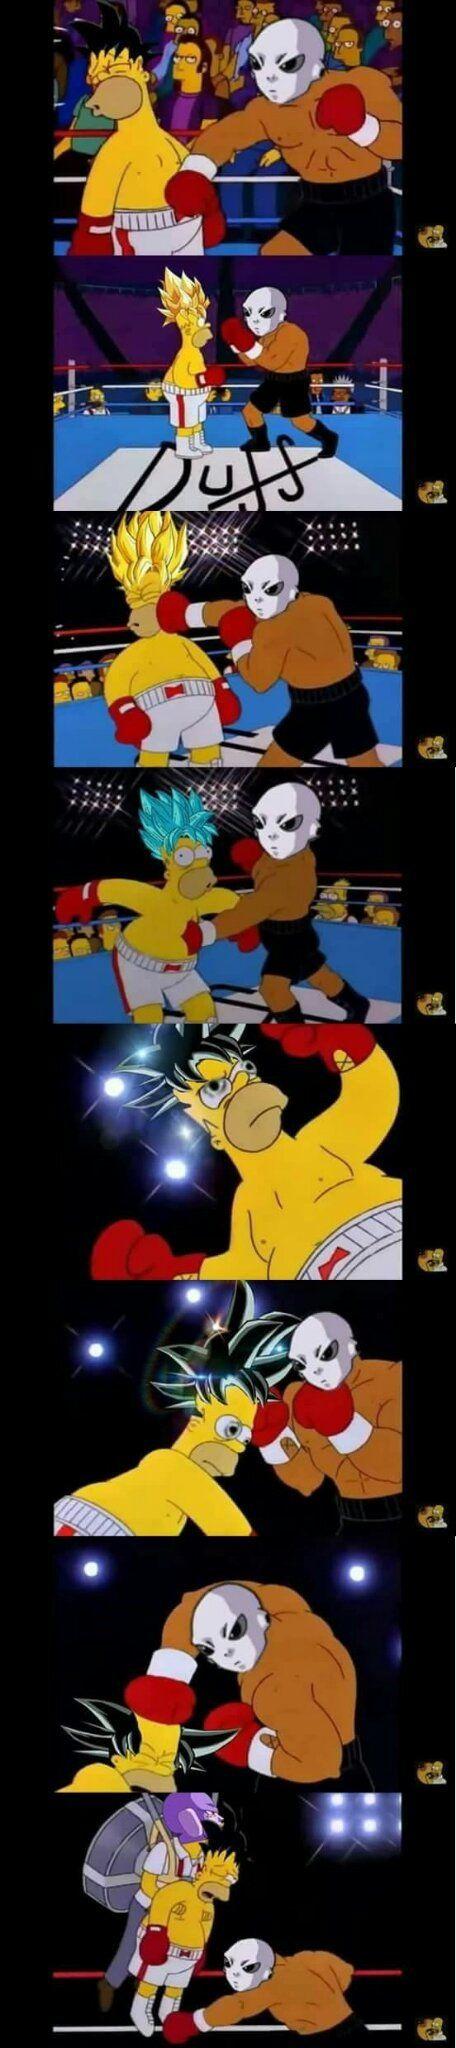 Resume de la pelea de goku vs jire xD - meme